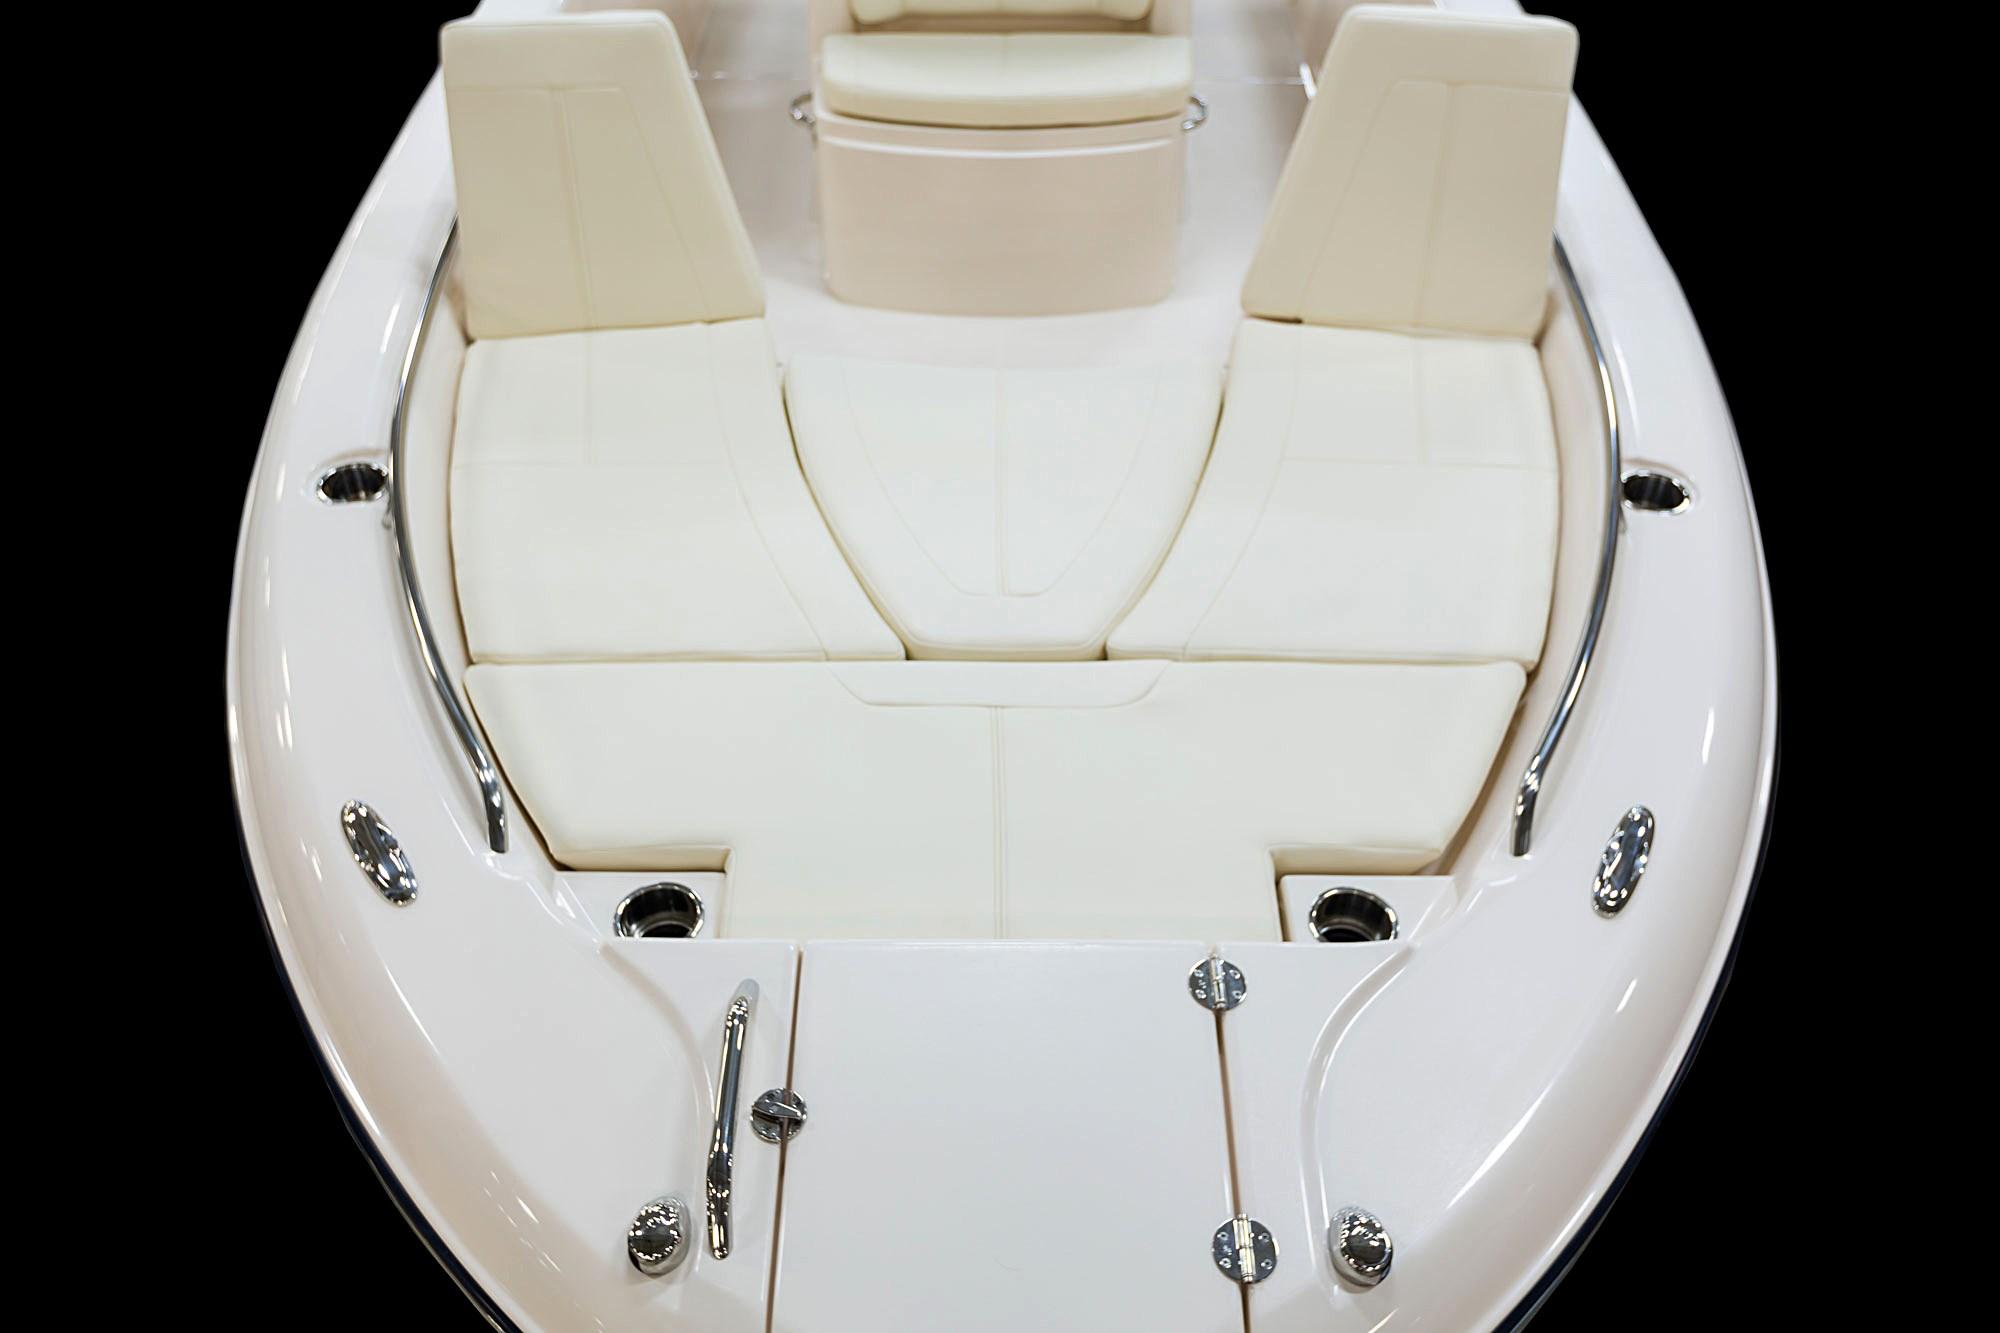 13_coastalexplorer_251_bow_seats_backrests.jpg